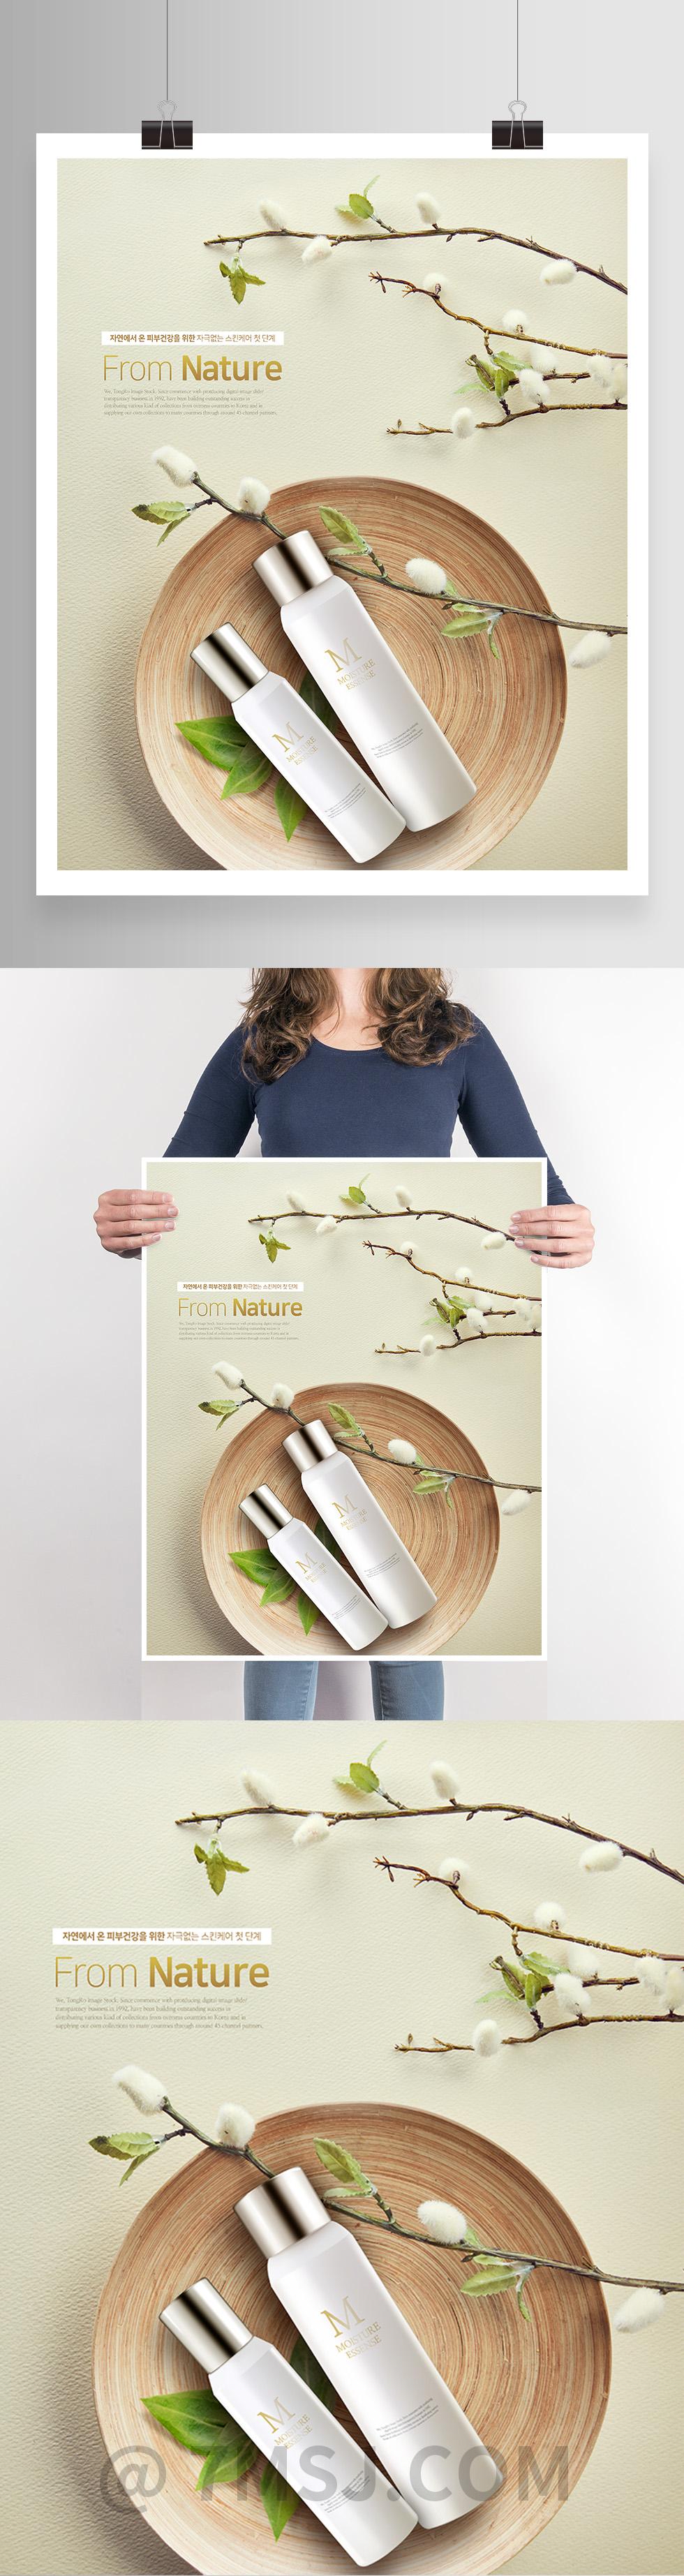 化妆品水乳海报